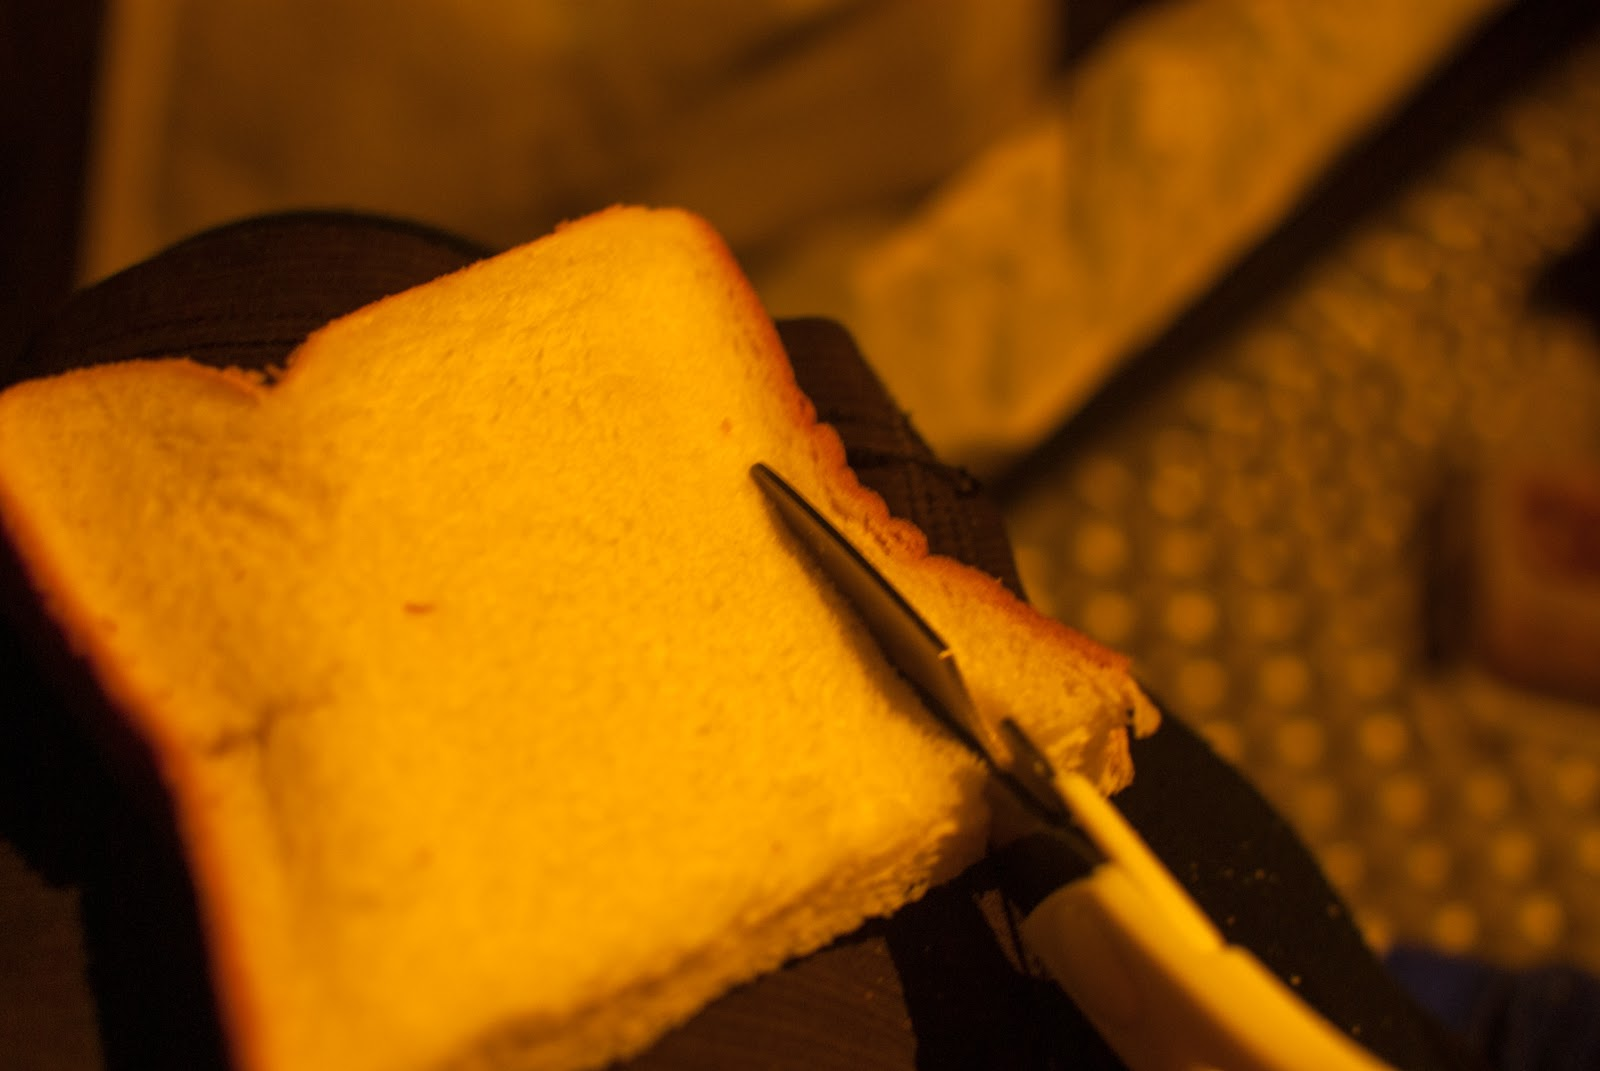 パンの耳 キッチンバサミ カット